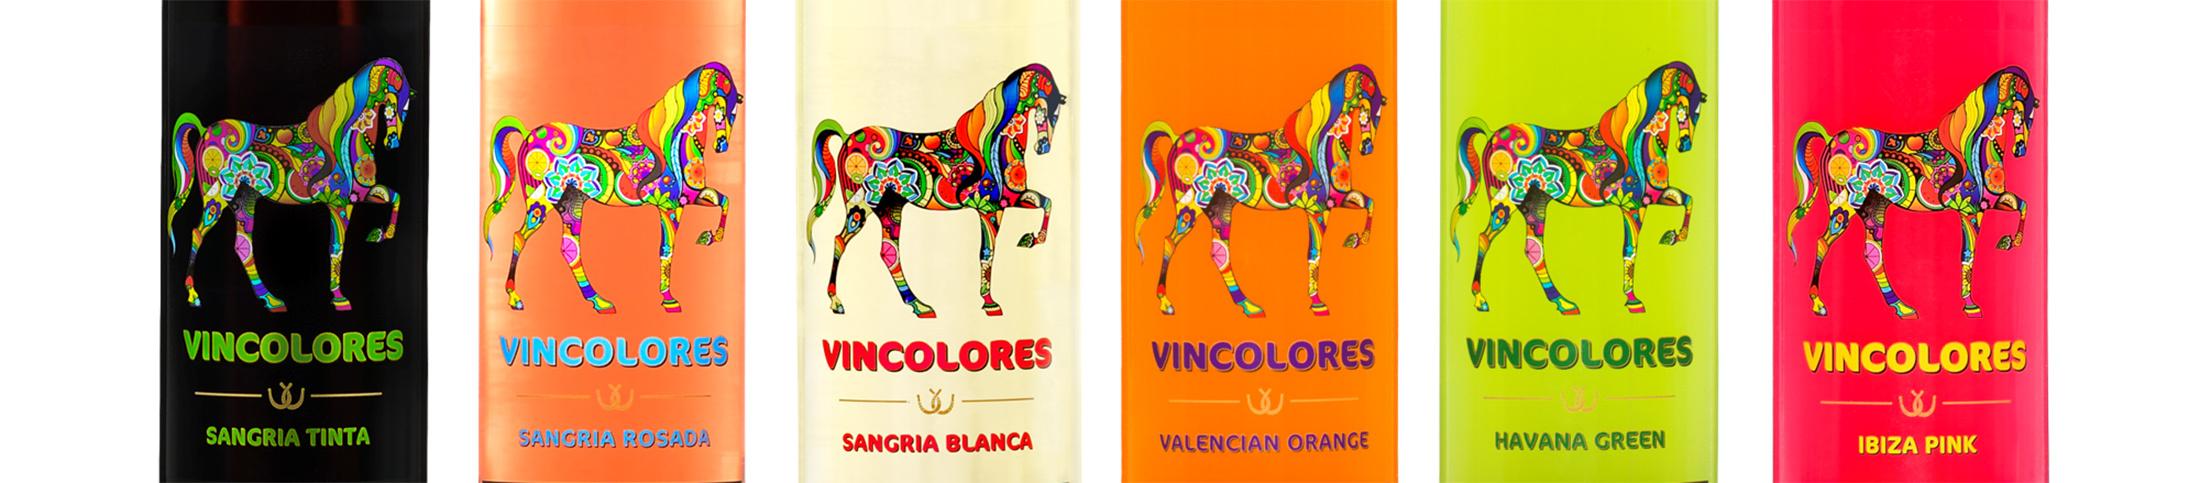 Vincolores